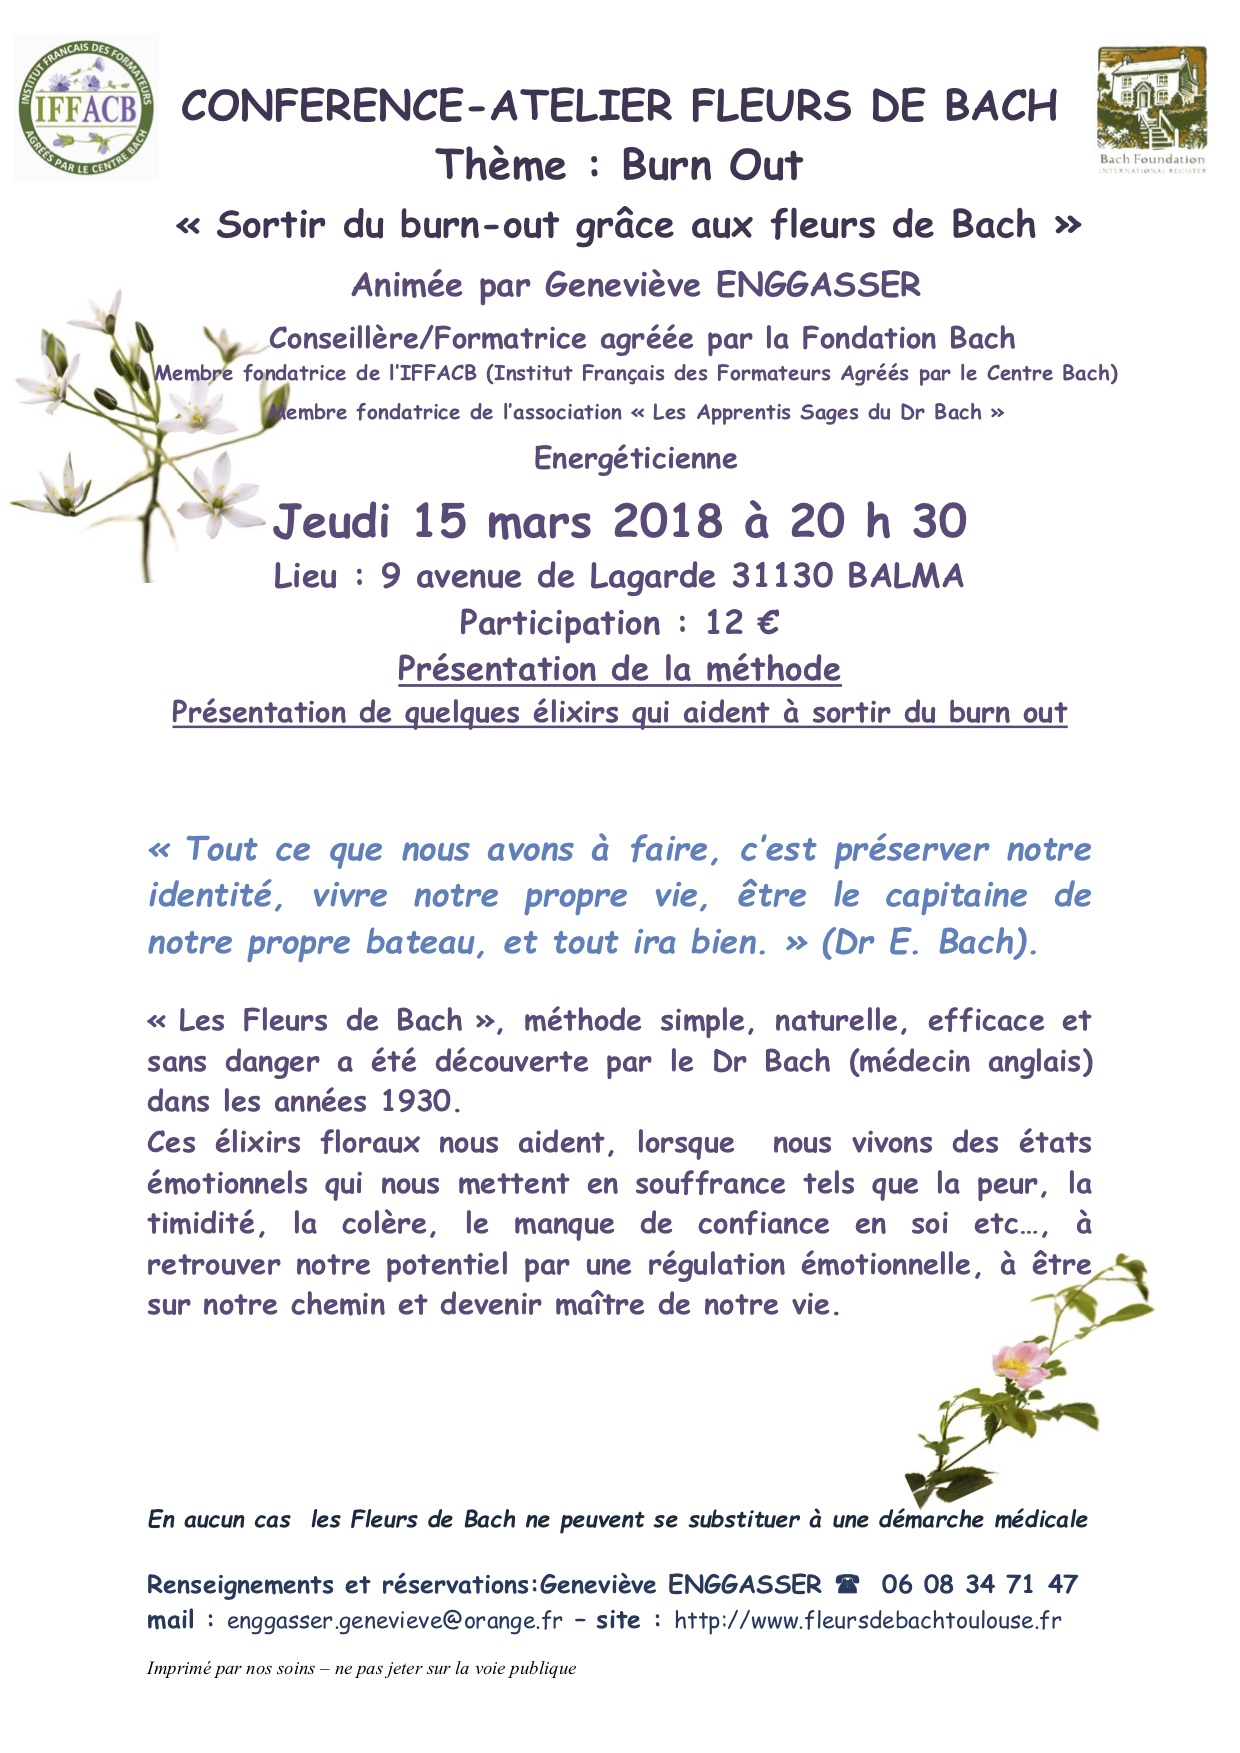 Conférence les fleurs de Bach : Le Burn Out